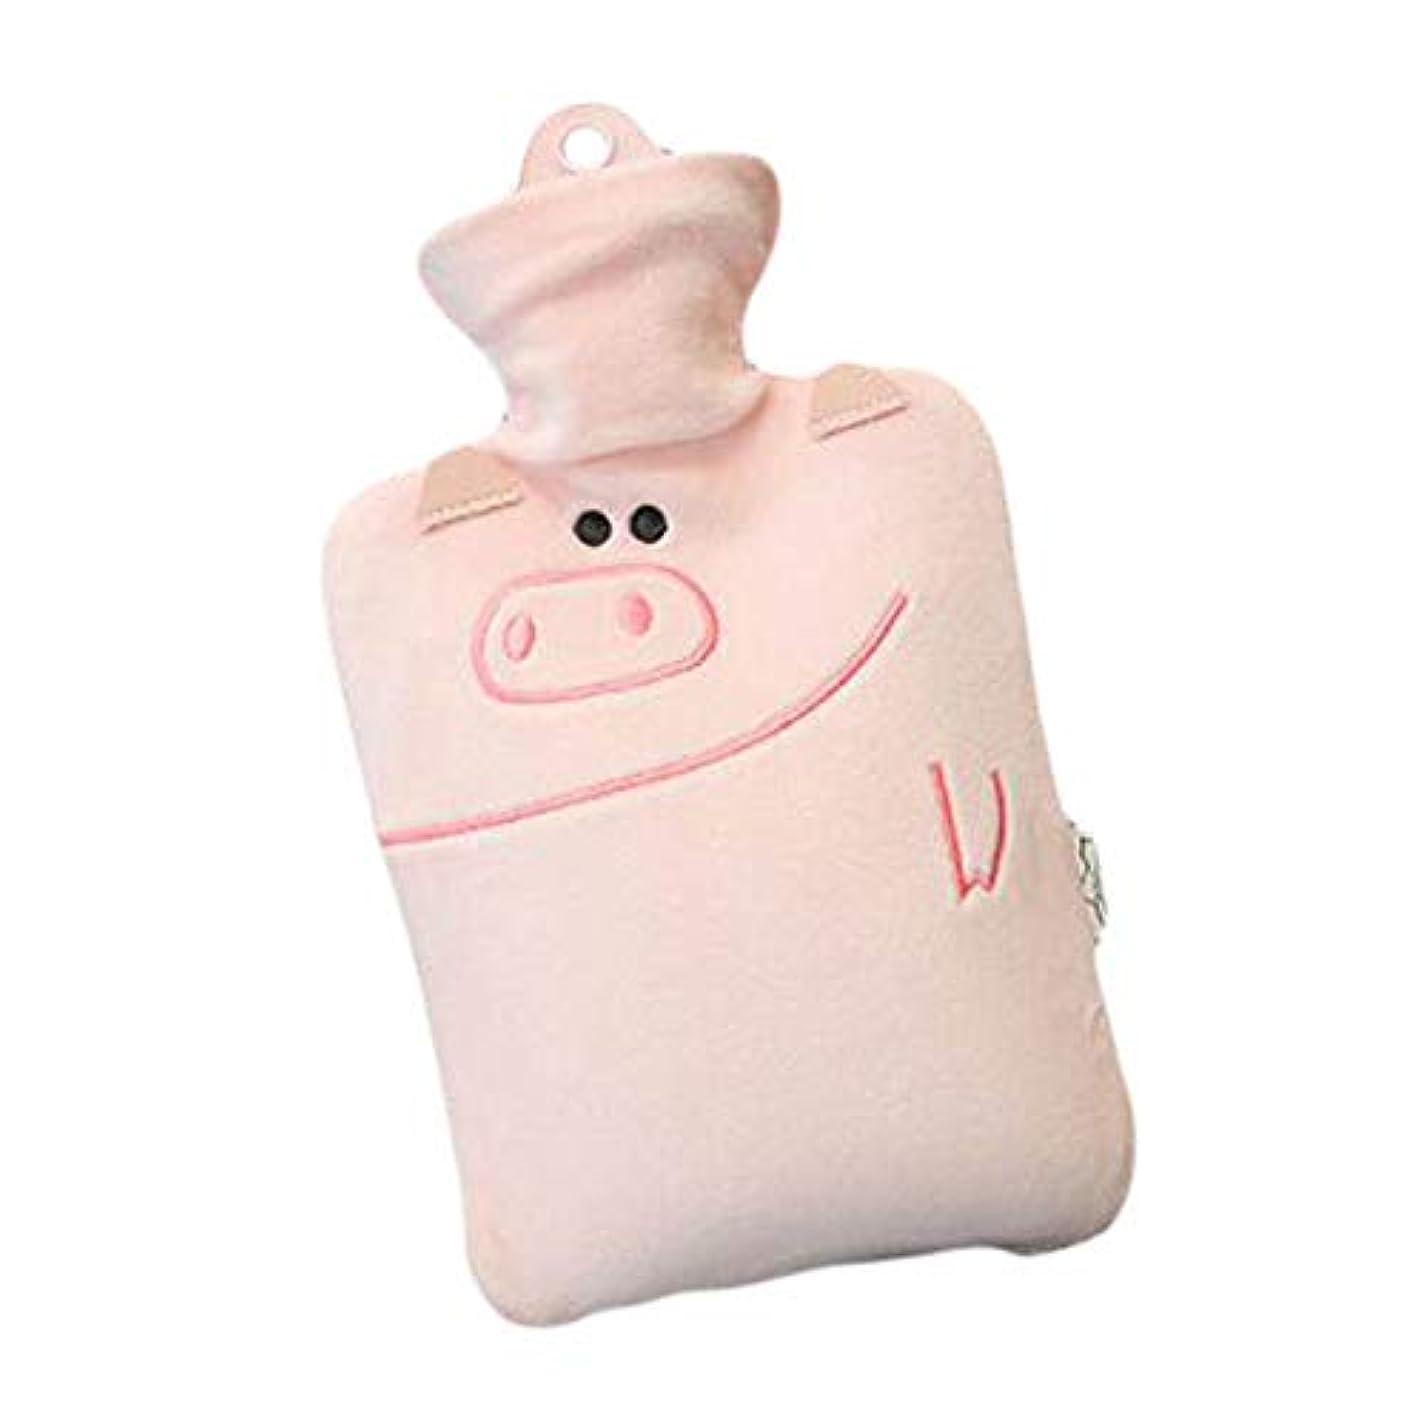 イライラする発火するアンドリューハリディ愛らしいピンクの豚のパターン400 MLホットウォーターボトル